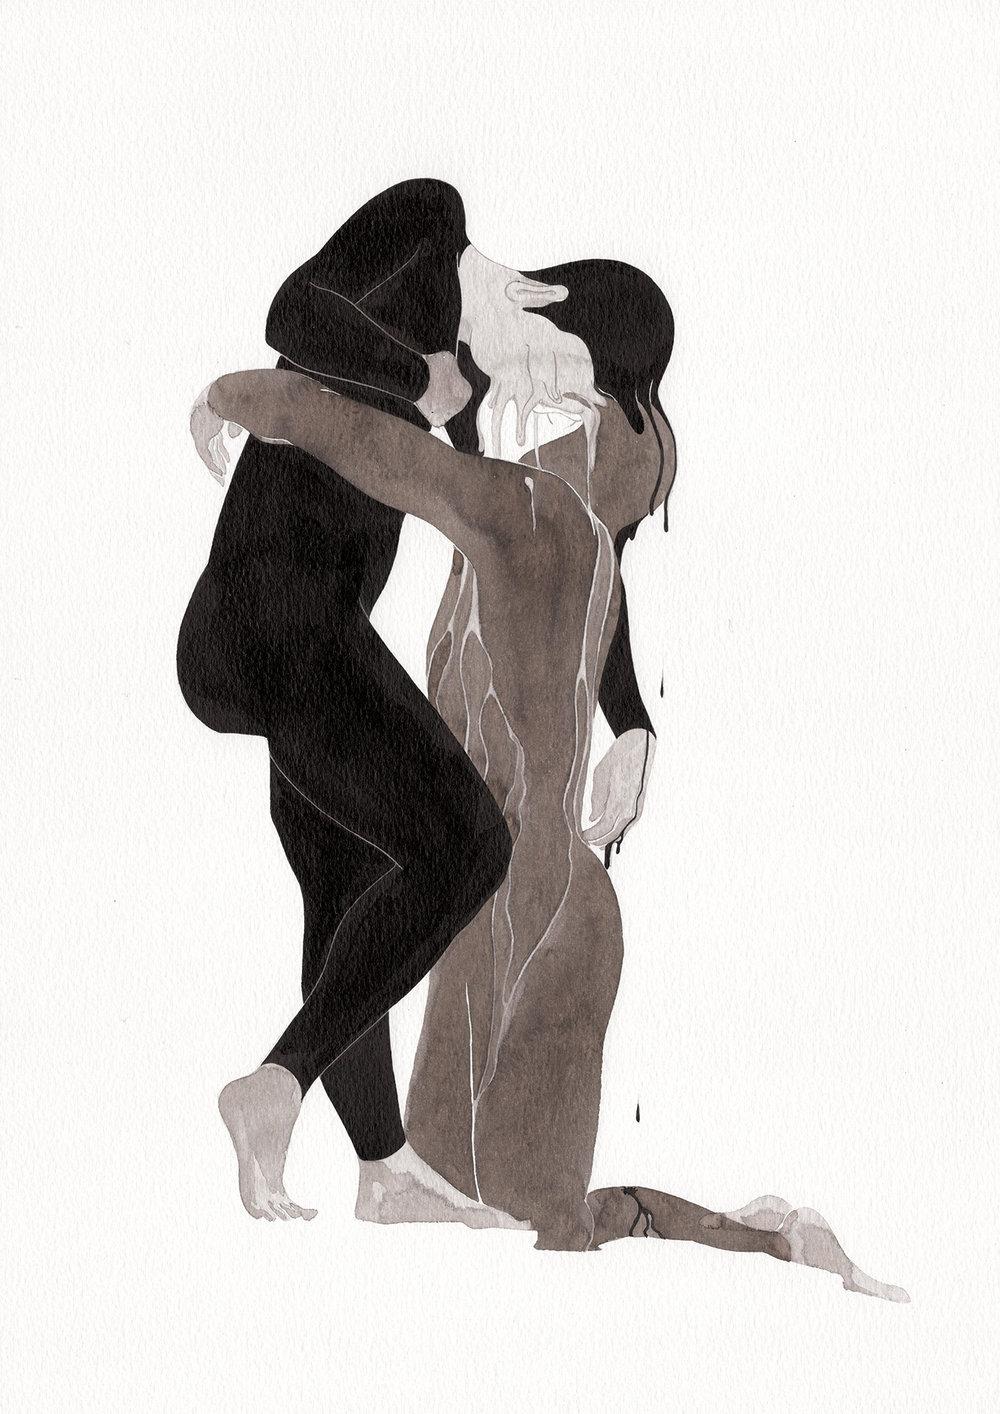 슬픔의 물성 / Property of sorrow Op.0187P -29.7 x 42 cm,종이에 잉크 / Ink on paper, 2017 inspired by the sculpture,'Vertumne et Pomone' by Camille Claudel